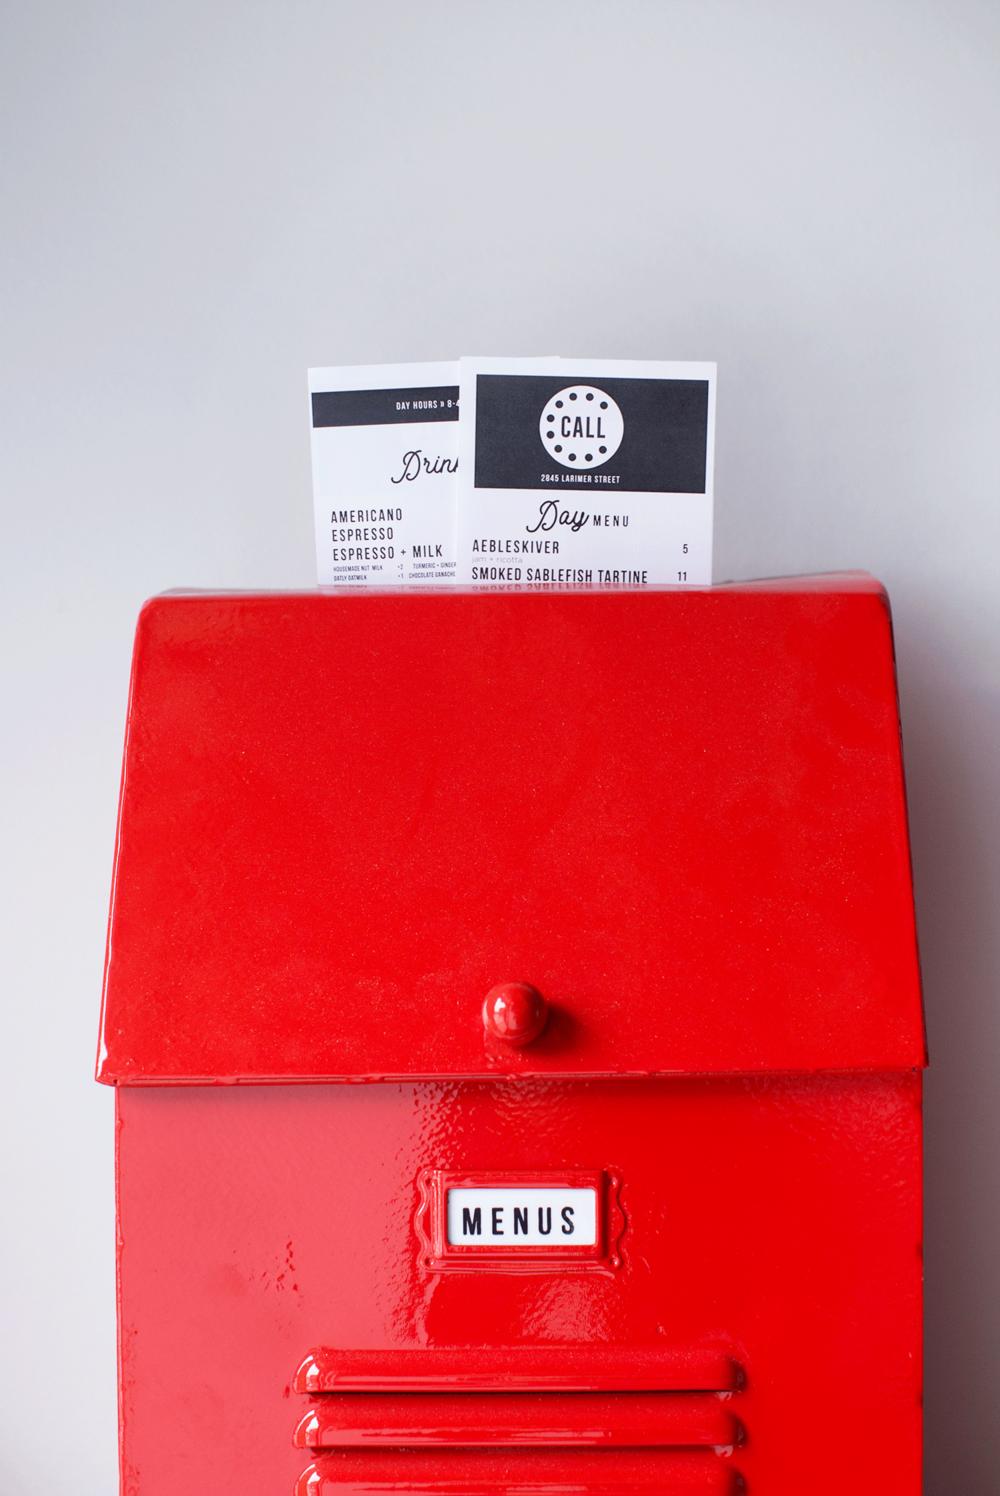 CALL-MenuBox3.png